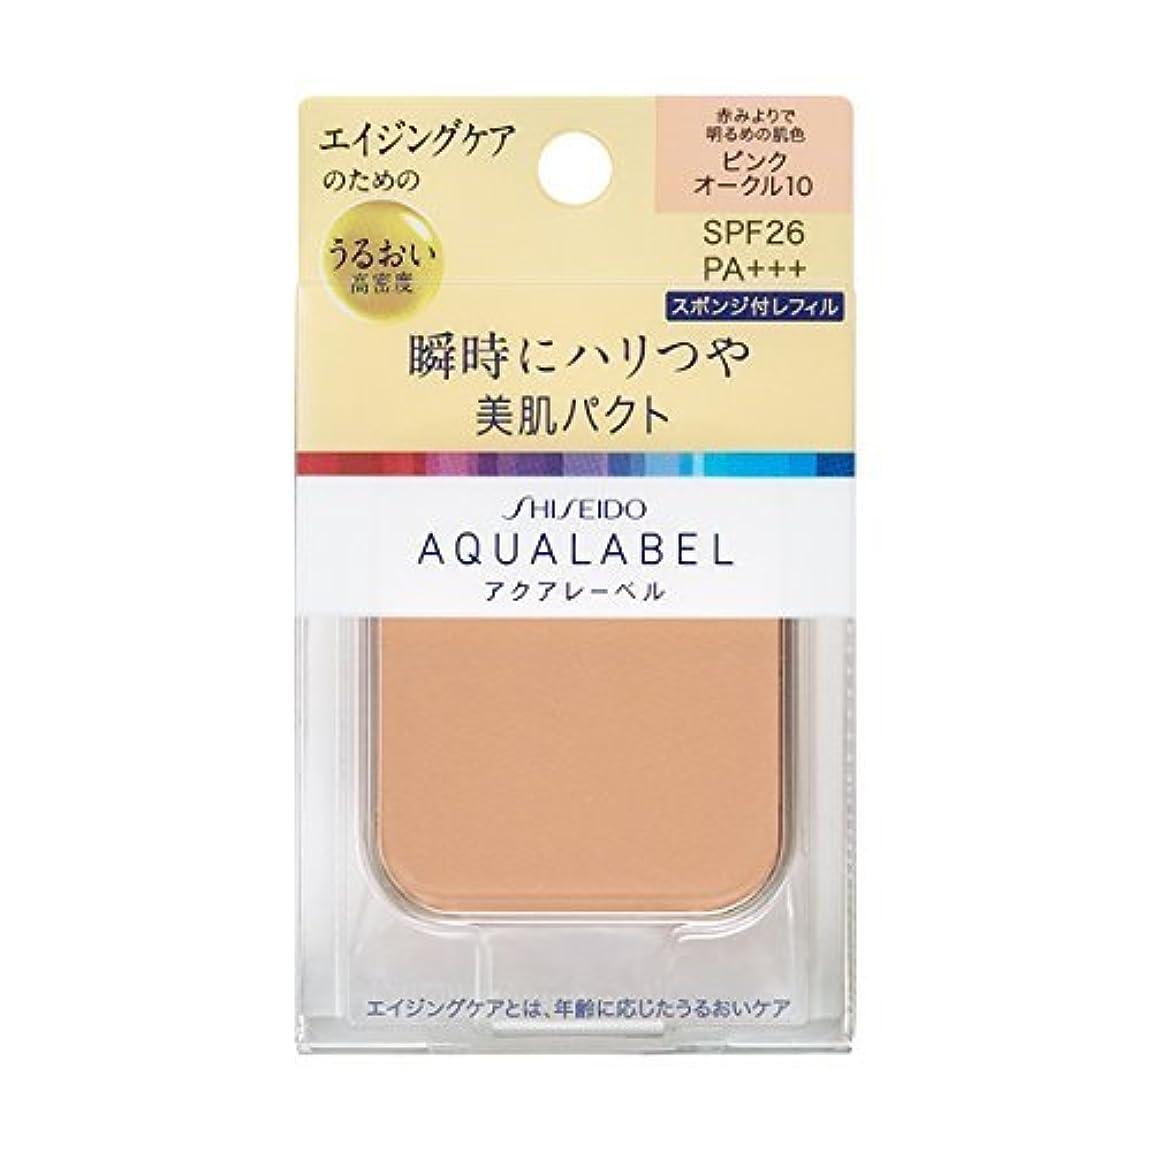 許可する平凡サミュエルアクアレーベル 明るいつや肌パクト ピンクオークル10 (レフィル) 11.5g×6個